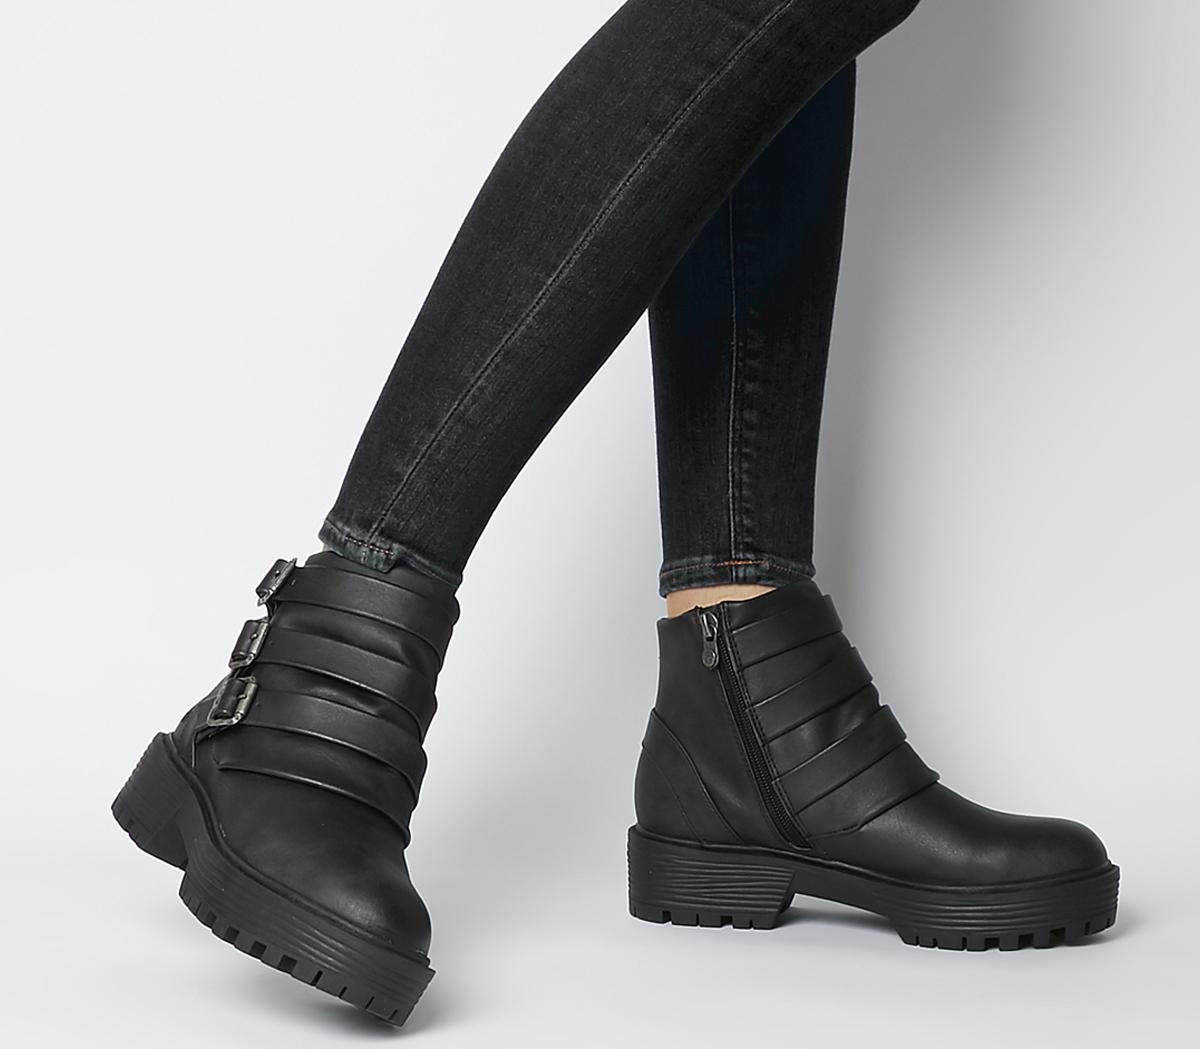 Eaumont Boots